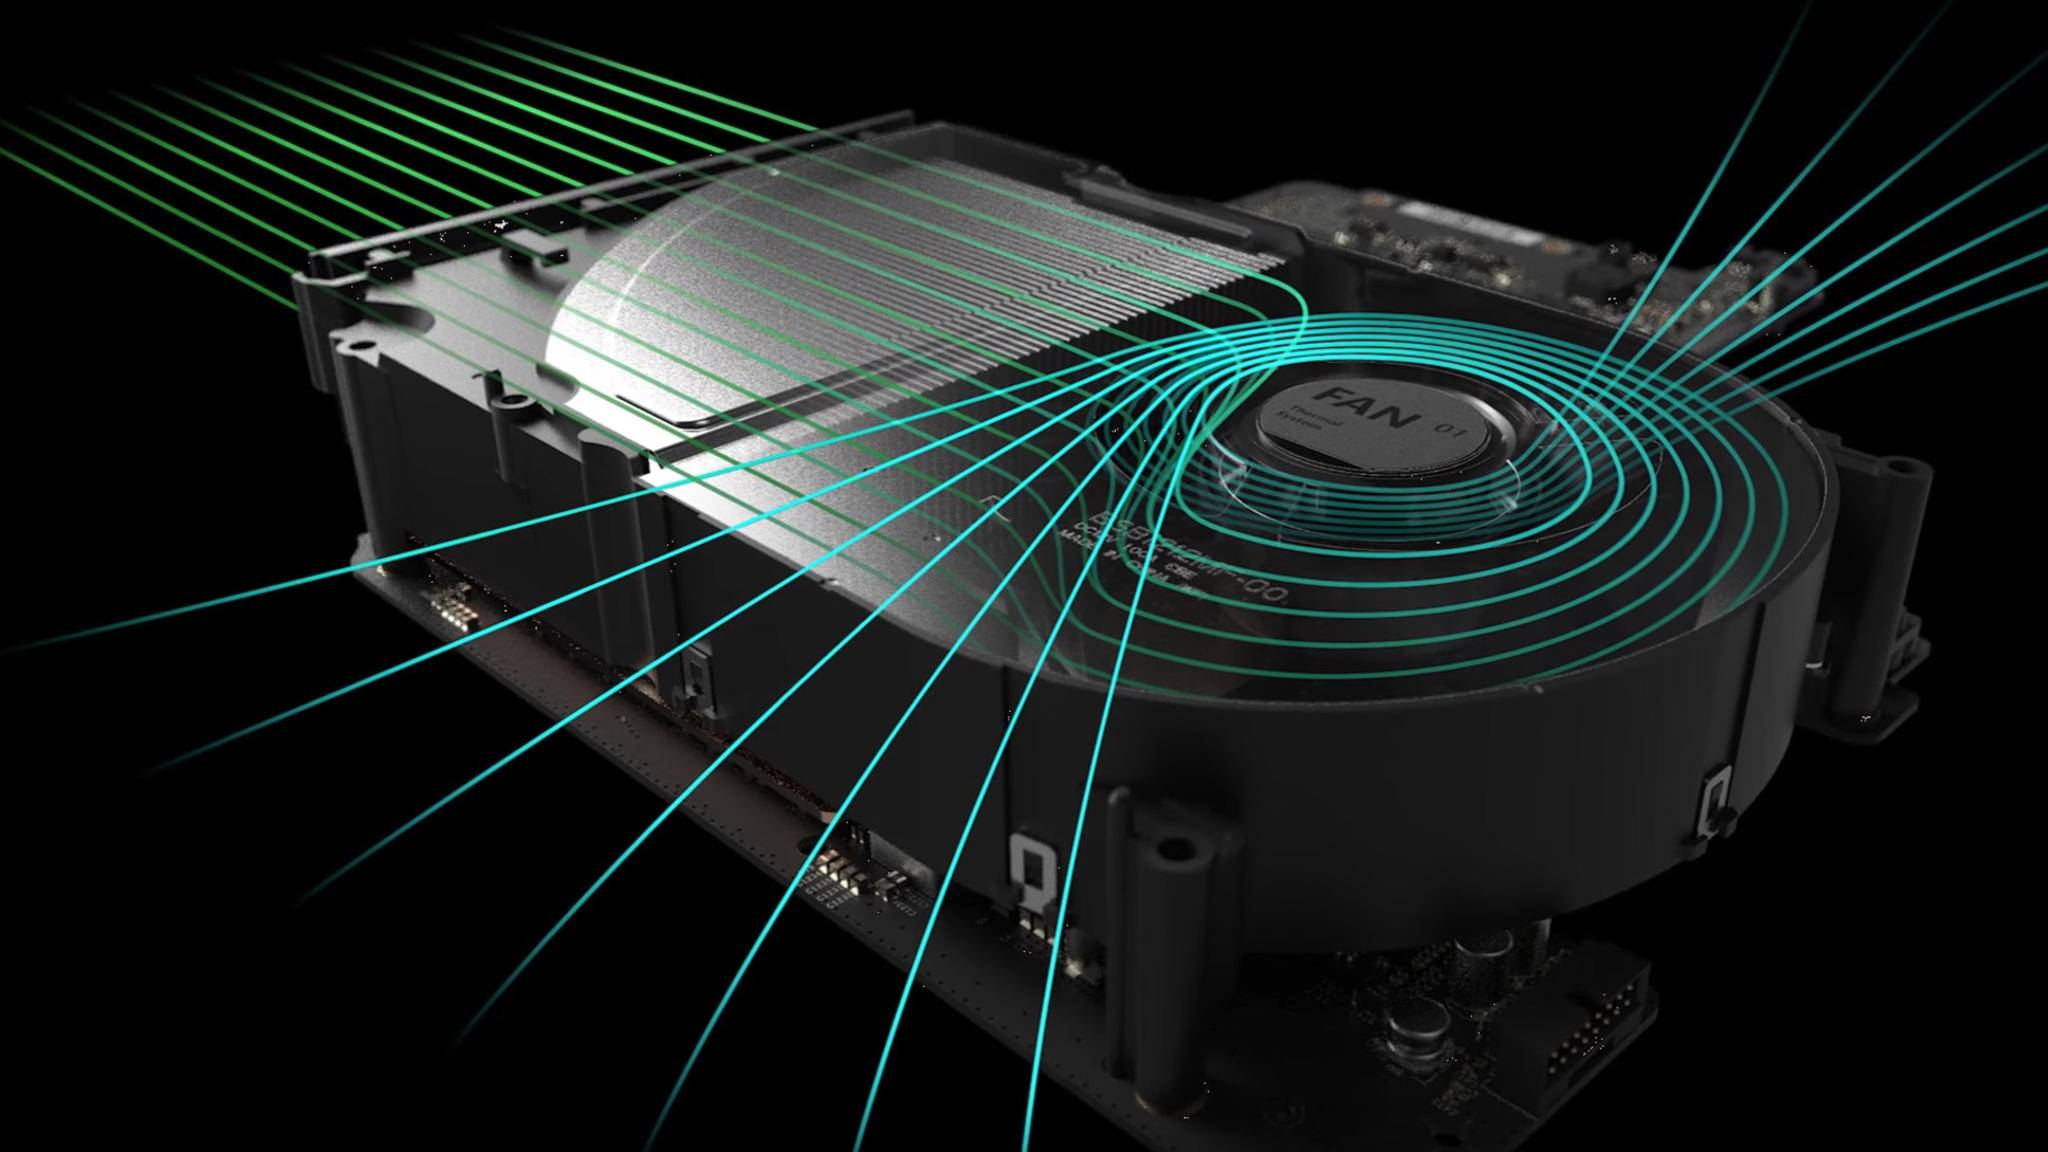 Mit der Xbox Scorpio will Microsoft sein Verhältnis zu Entwicklern wieder verbessern.